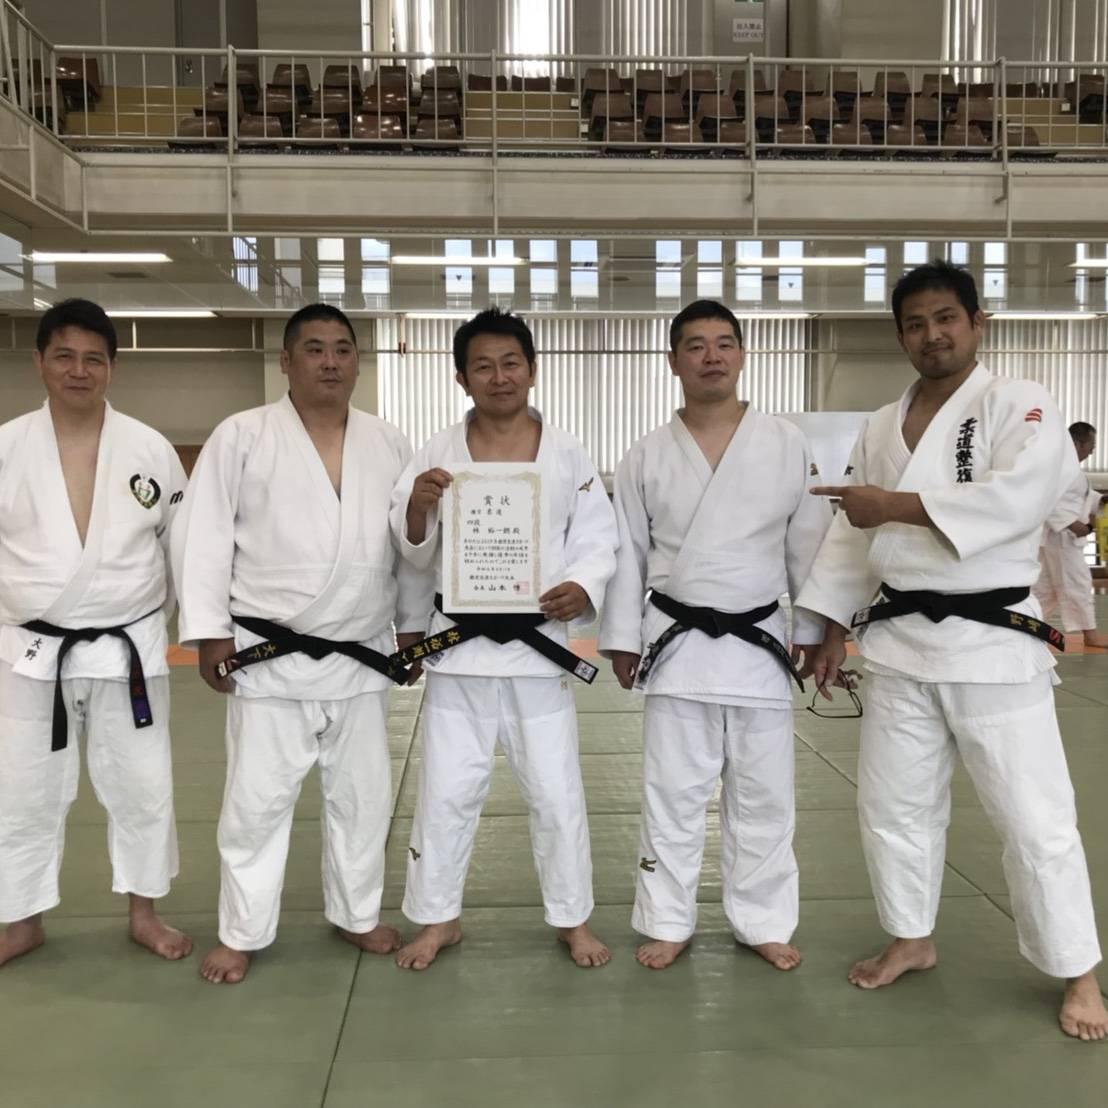 柔道生涯スポーツ大会|大会写真